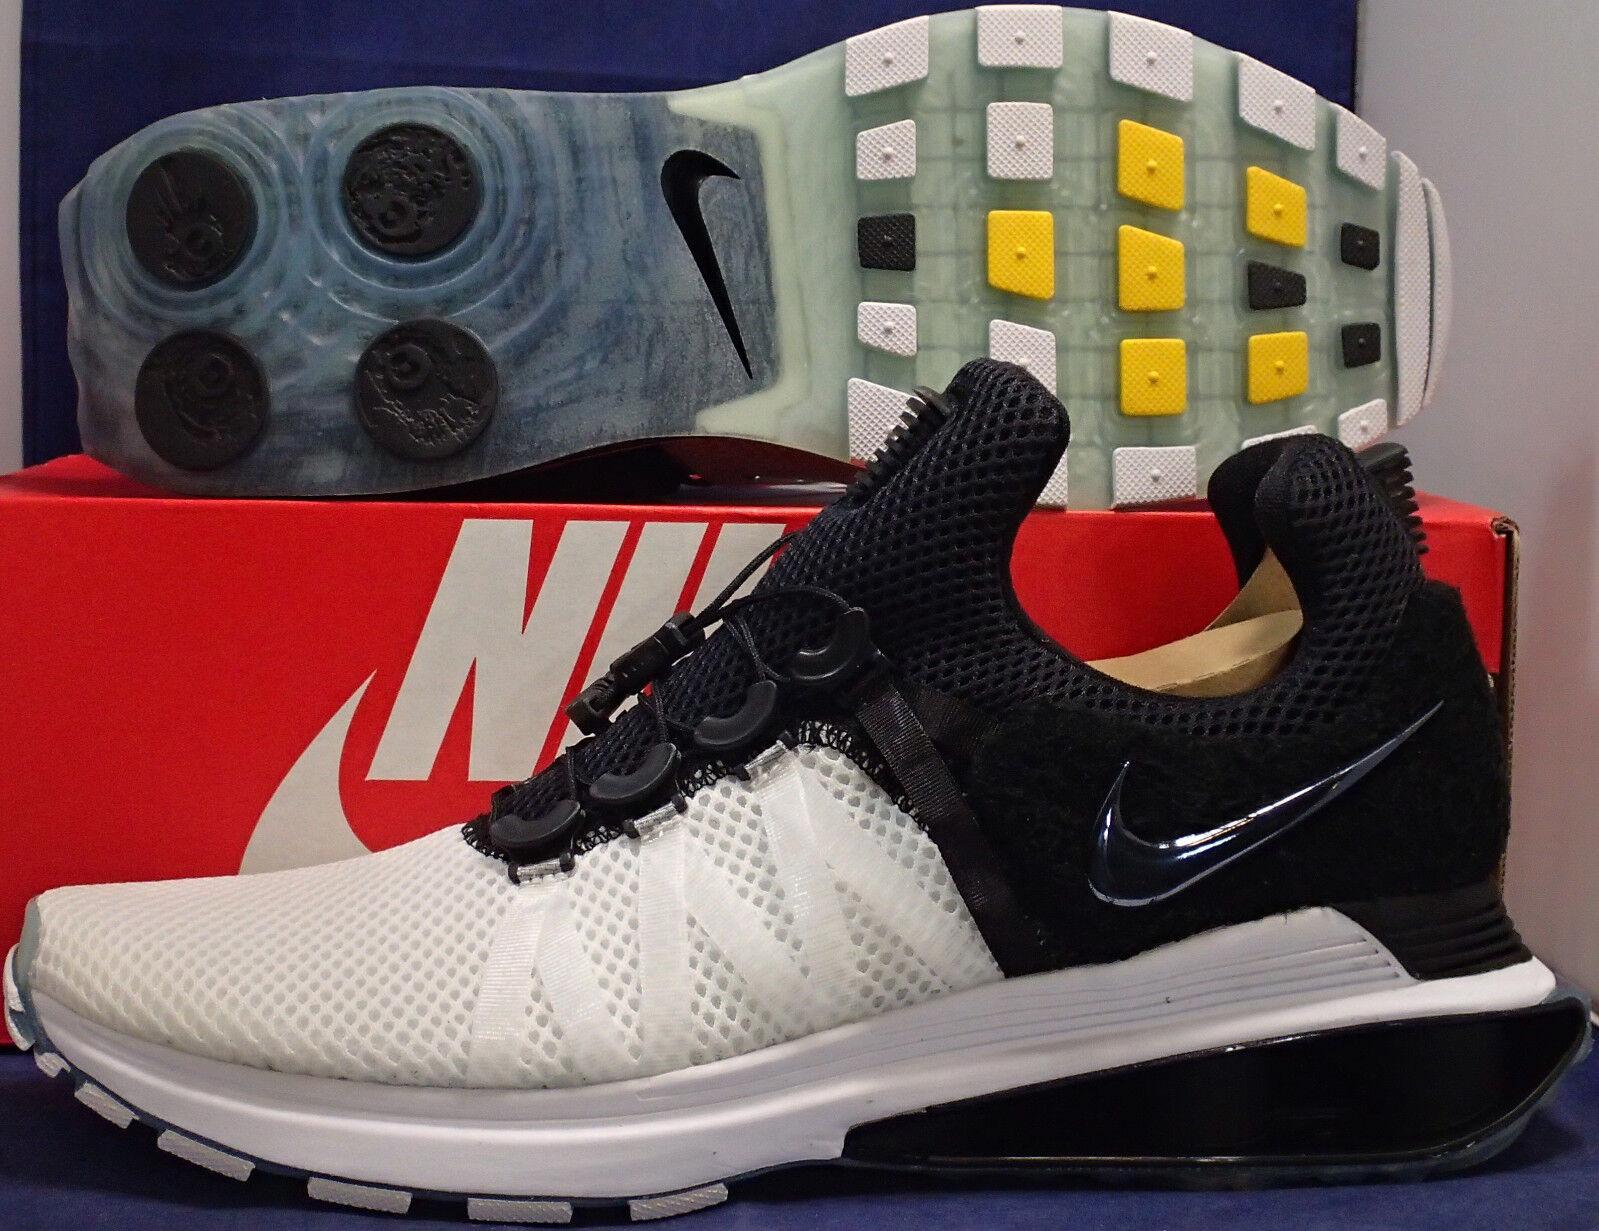 Nike Shox Gravity Weiß Schwarz Sz 11.5 (AR1999-101)